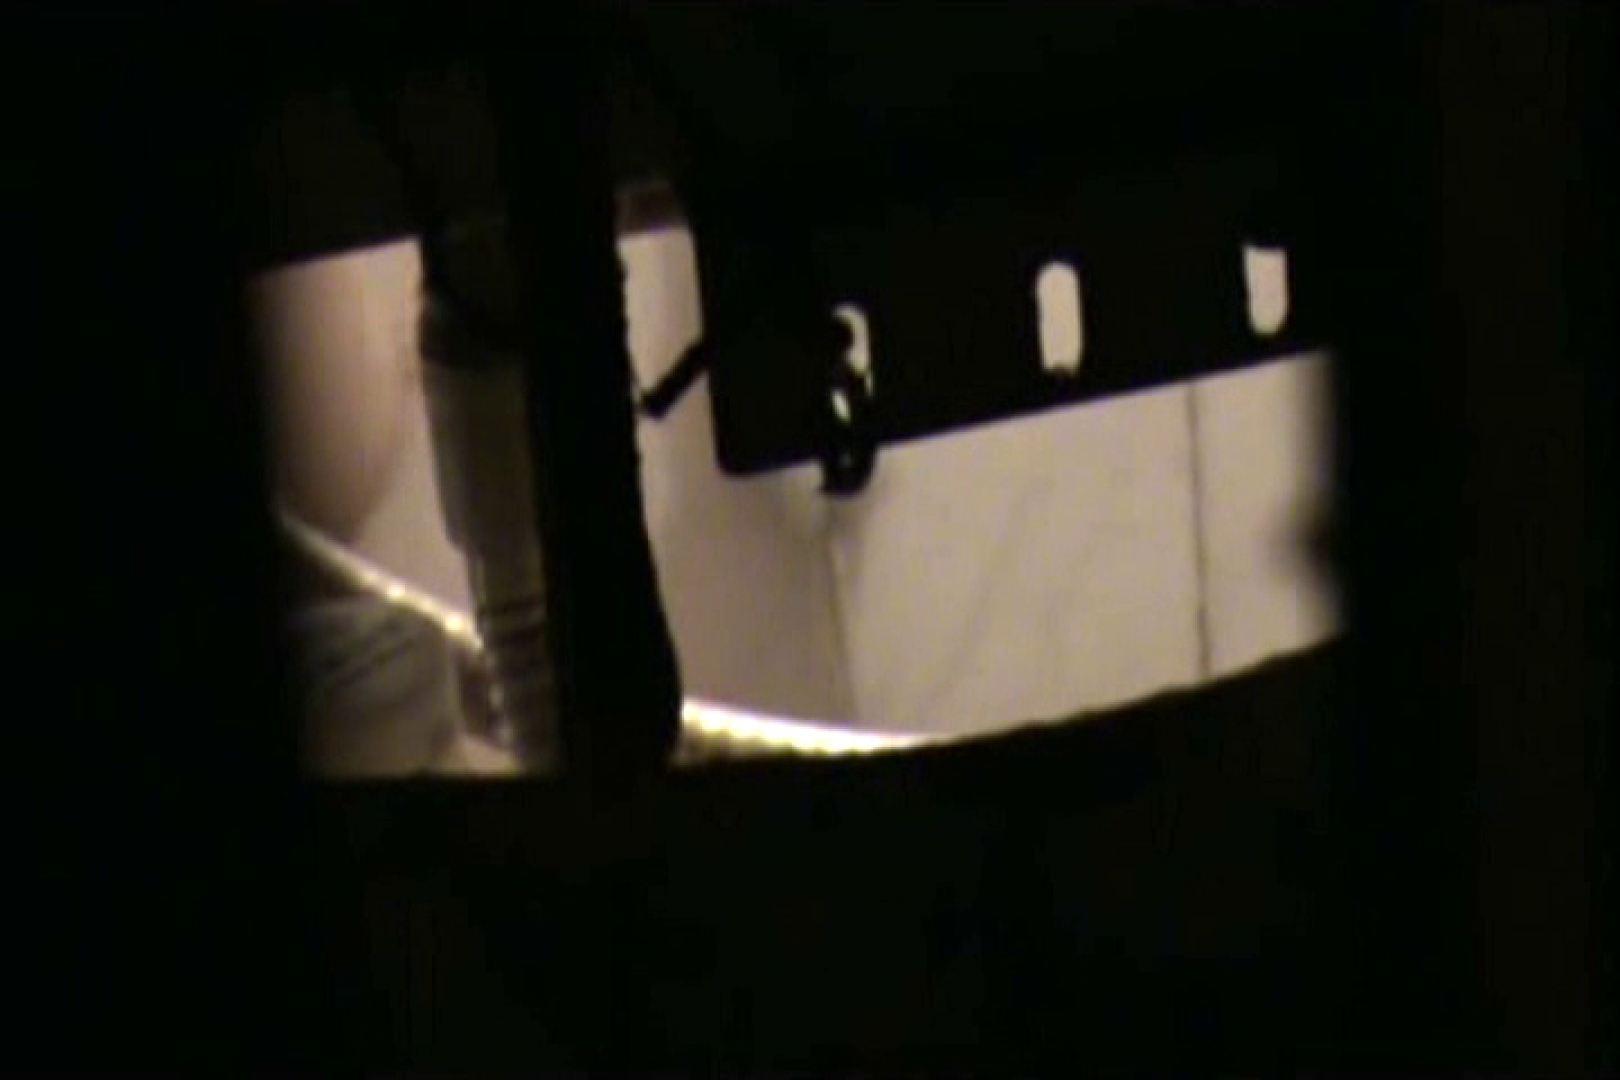 ぼっとん洗面所スペシャルVol.3 高画質 | 洗面所  92pic 7